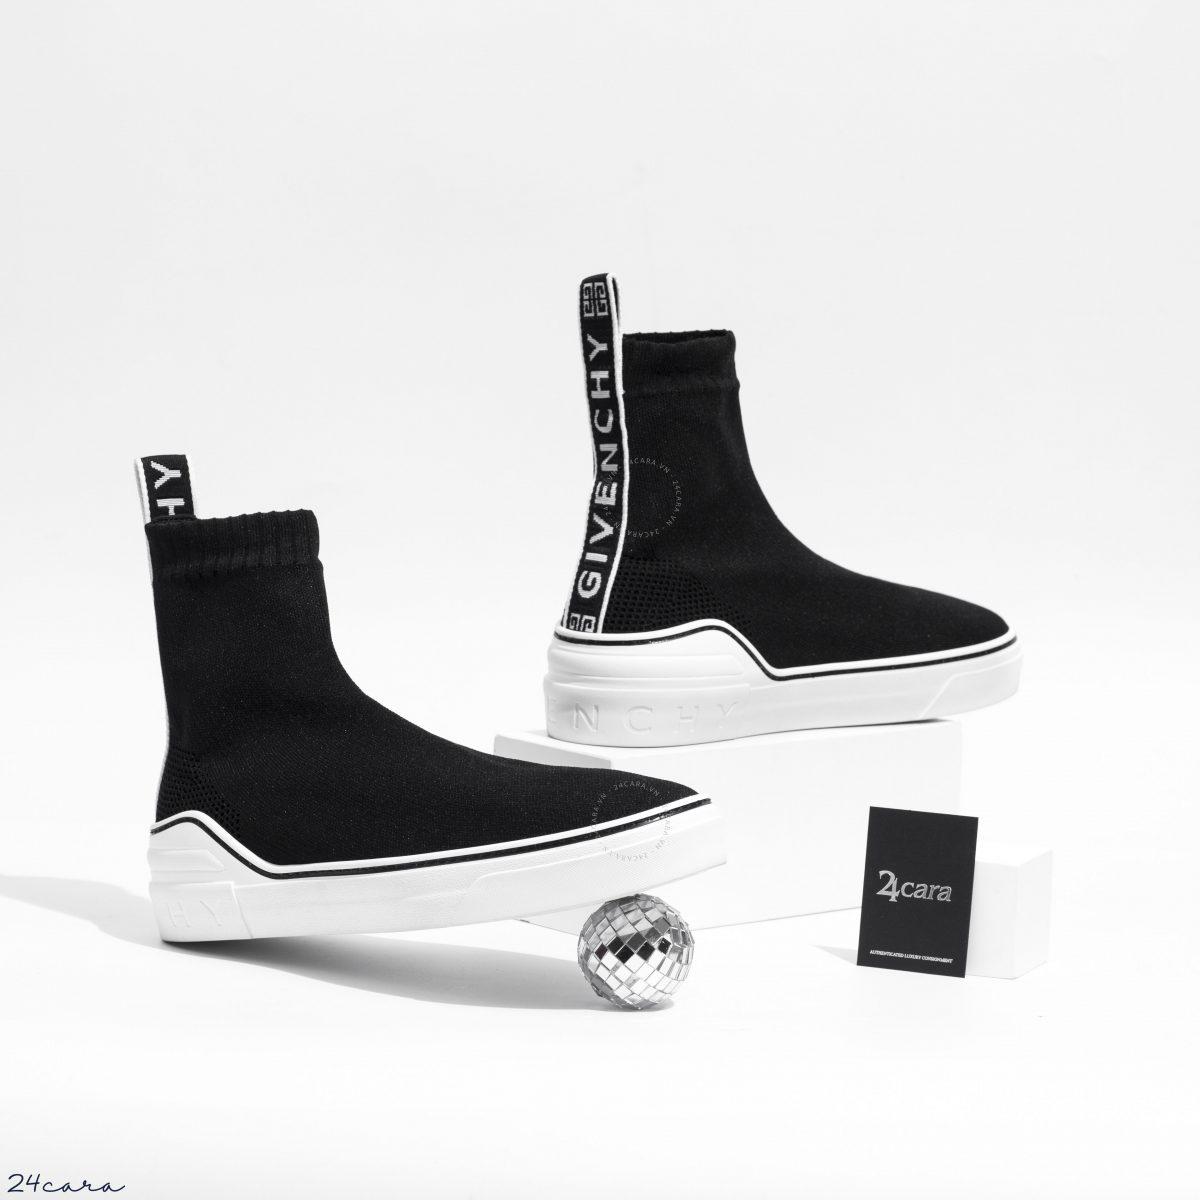 Givenchy mang đến mẫu sneaker với thiết kế được tối giản hoá. Không dây buộc, không lưỡi gà, đặc biệt với phần upper được thiết kế với kết cấu của một đôi tất. Sử dụng vải knit giúp ôm sát chân tạo ra độ thoải mái cần thiết. Phần đế cao su trắng nổi bật mang đến cảm giác thoải mái trong quá trình di chuyển.Dải tên thương hiệu được phía sau gót giày mang đến sự đơn giản trong phong cách thời trang hiện đại. ----------------------- • Ảnh / Video sản phẩm thuộc bản quyền 24Cara Studio • Address : 24B Lý Thái Tổ - Hoàn Kiếm - Hà Nội • Website / Fanpage / Instagram : 24cara.vn • Hotline - Viber - Zalo - Imess : 0926 37 2222 / 0966 50 6666 [24CARA AUTHENTIC]